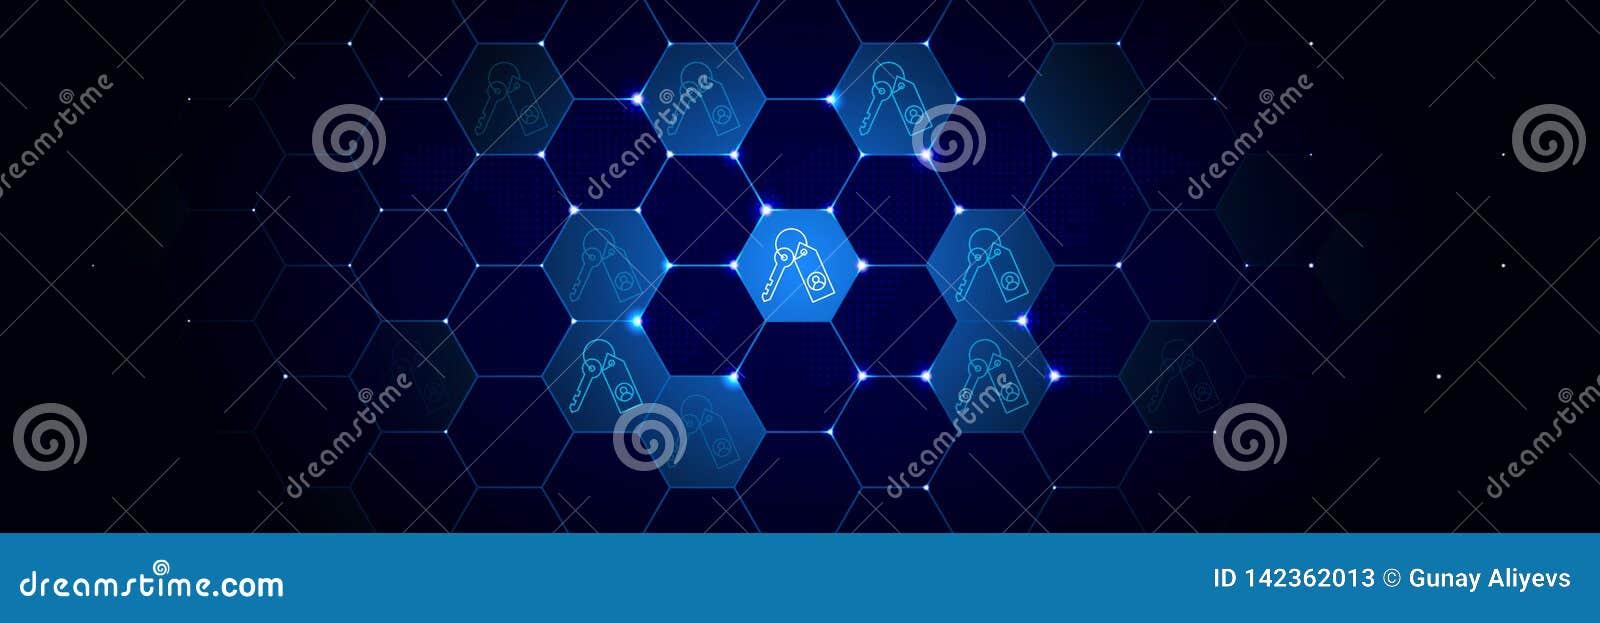 Daten, Schlüssel, Verschlüsselungsikone vom Projekt der allgemeinen Daten eingestellt in das technologische